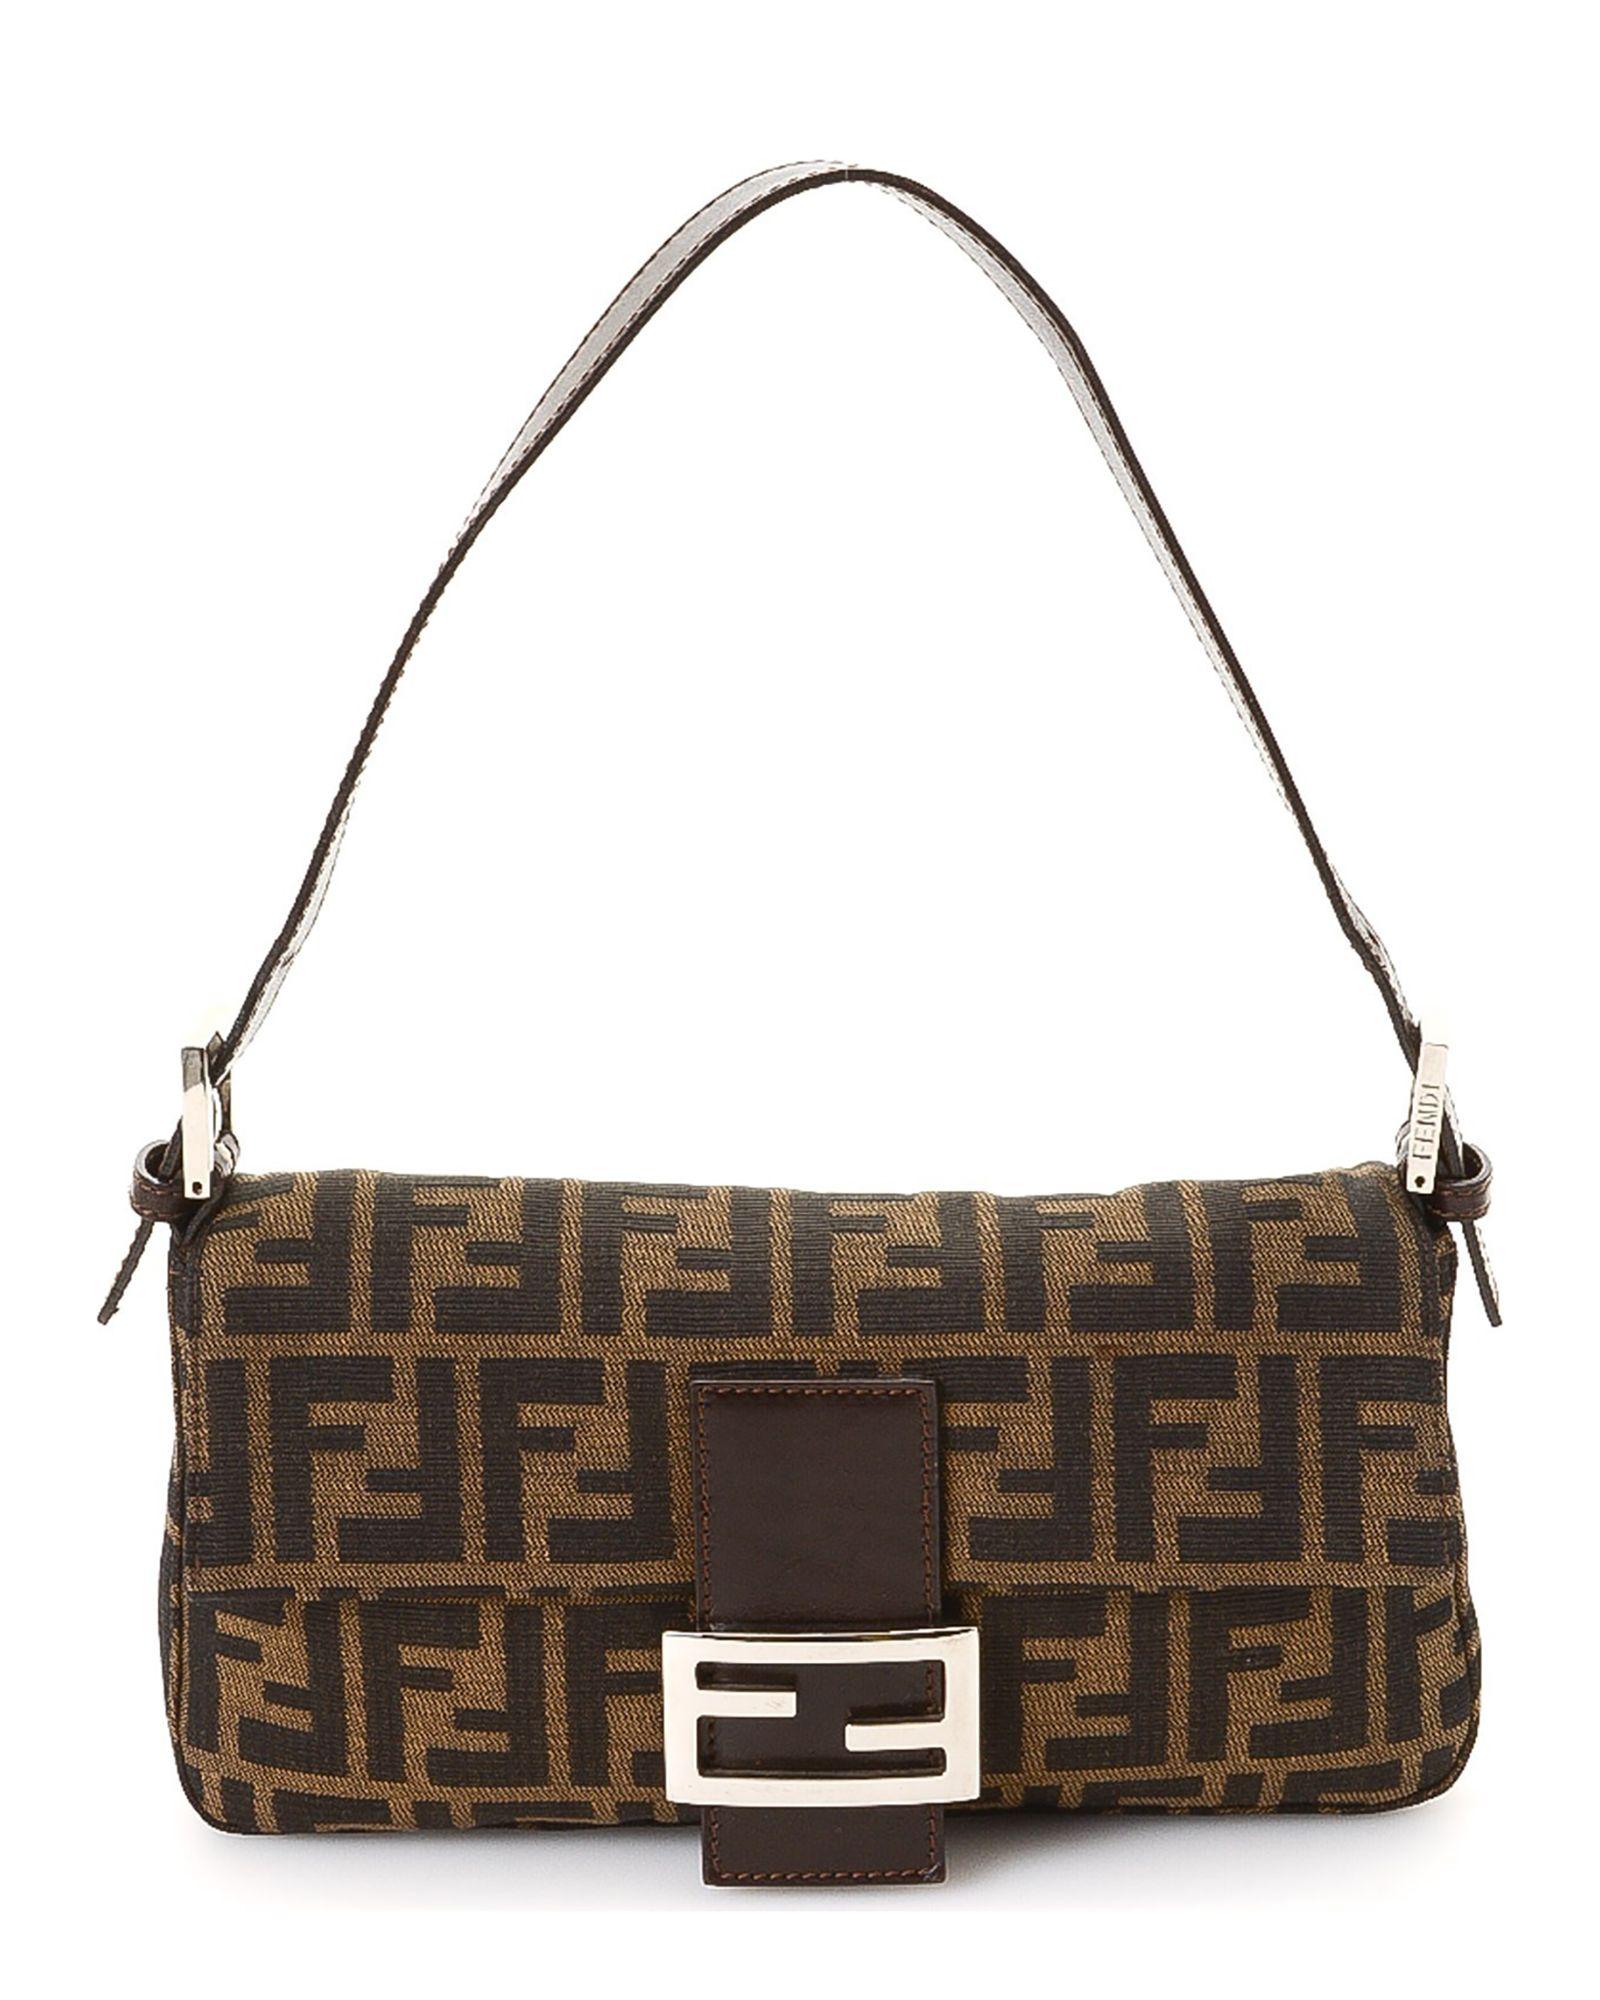 9617f106789 Fendi Zucca Baguette - Vintage | *Century 21 Stores* | Shoulder bag ...